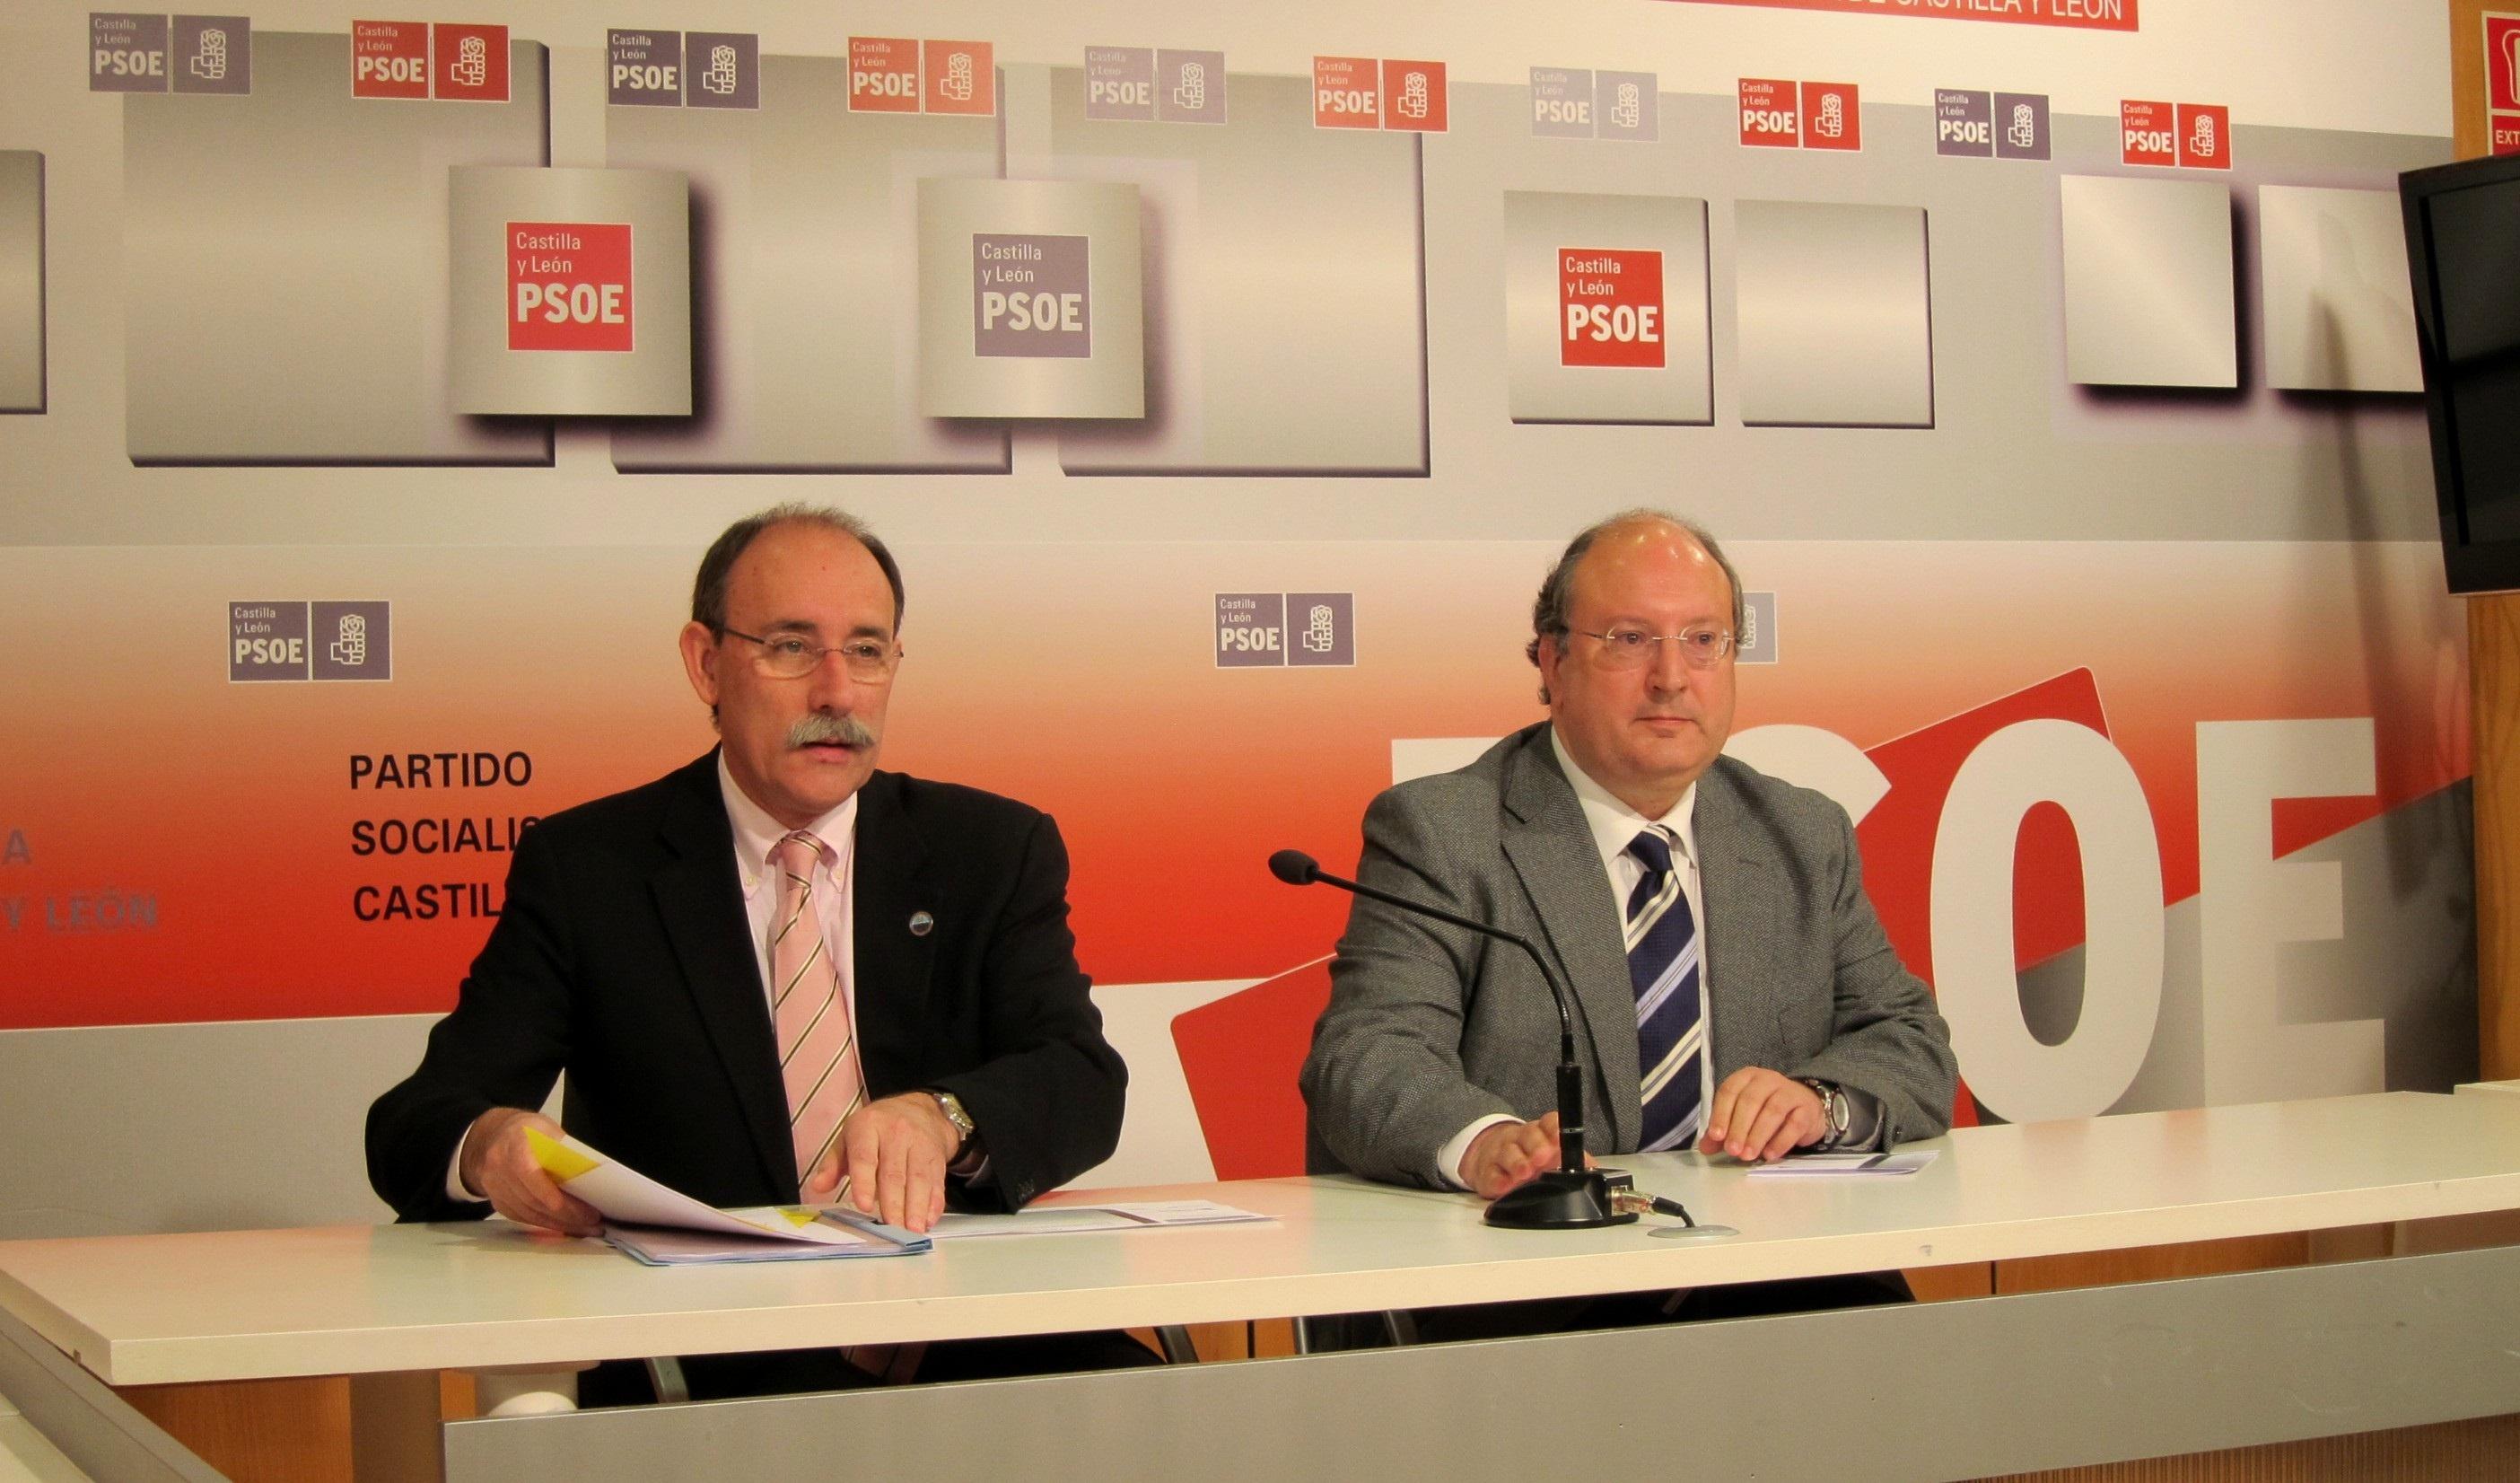 Los exministros Gabilondo y Cabrera debaten el 25 en Valladolid sobre educación «con calidad y equidad» y la Lomce